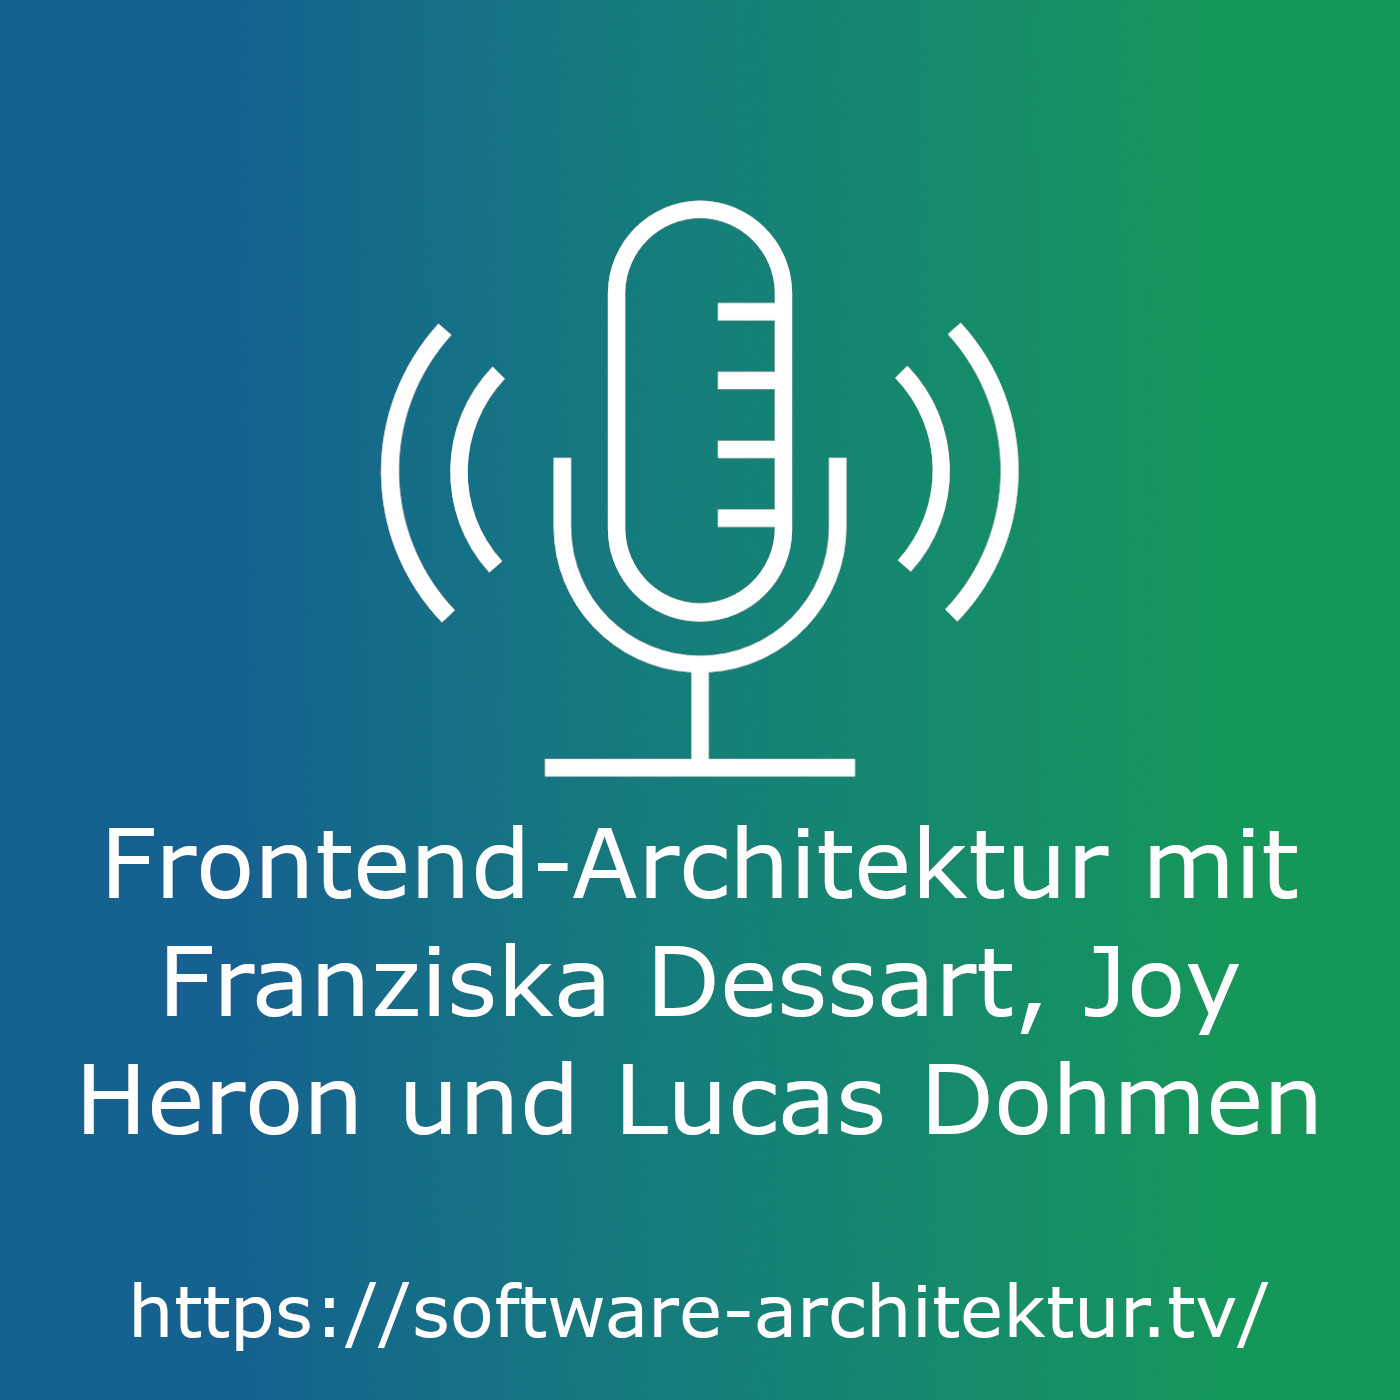 Frontend-Architektur mit Franziska Dessart, Joy Heron und Lucas Dohmen